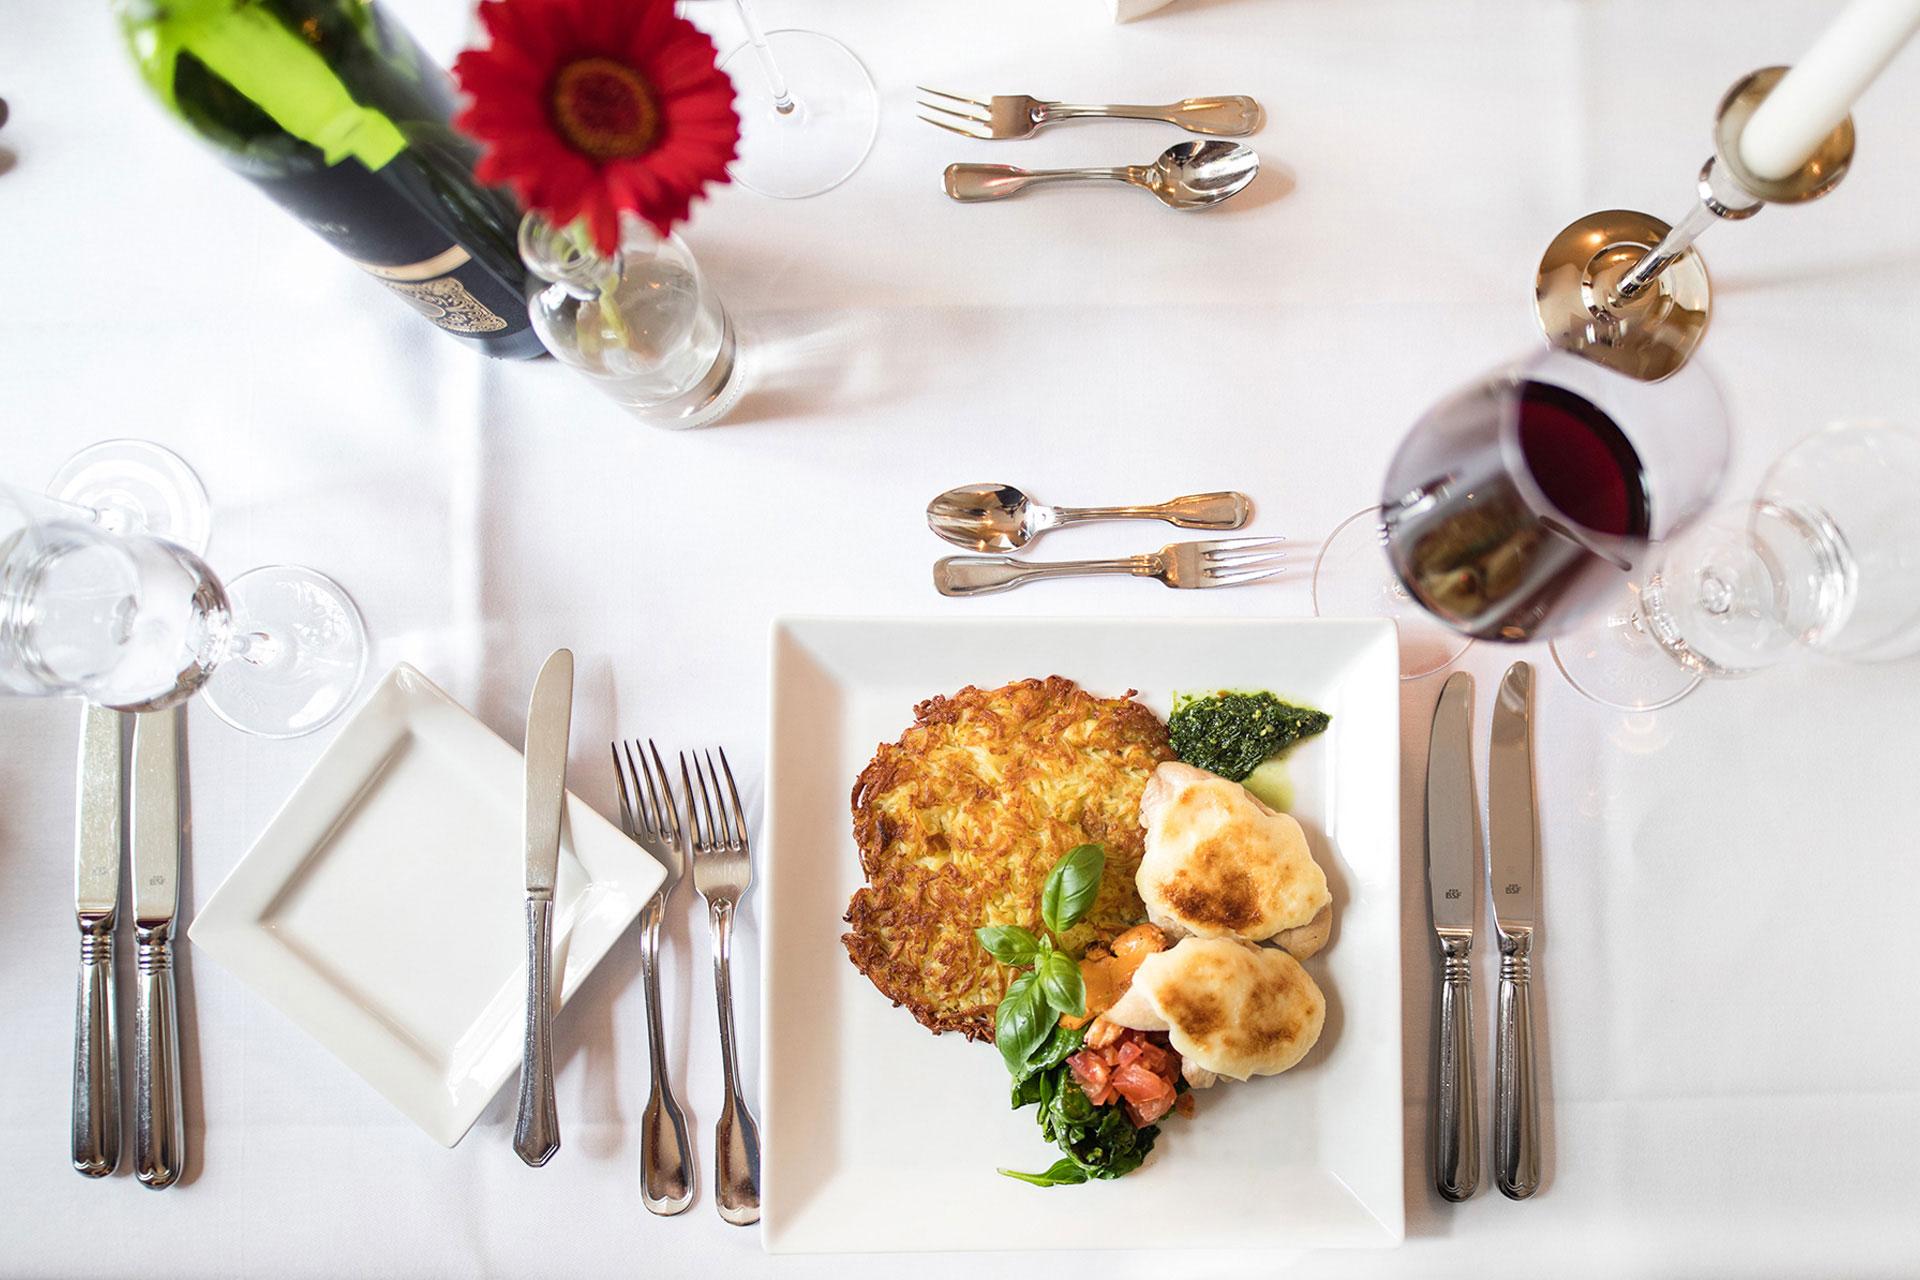 Röstiteller und Wein auf gedektem Tisch